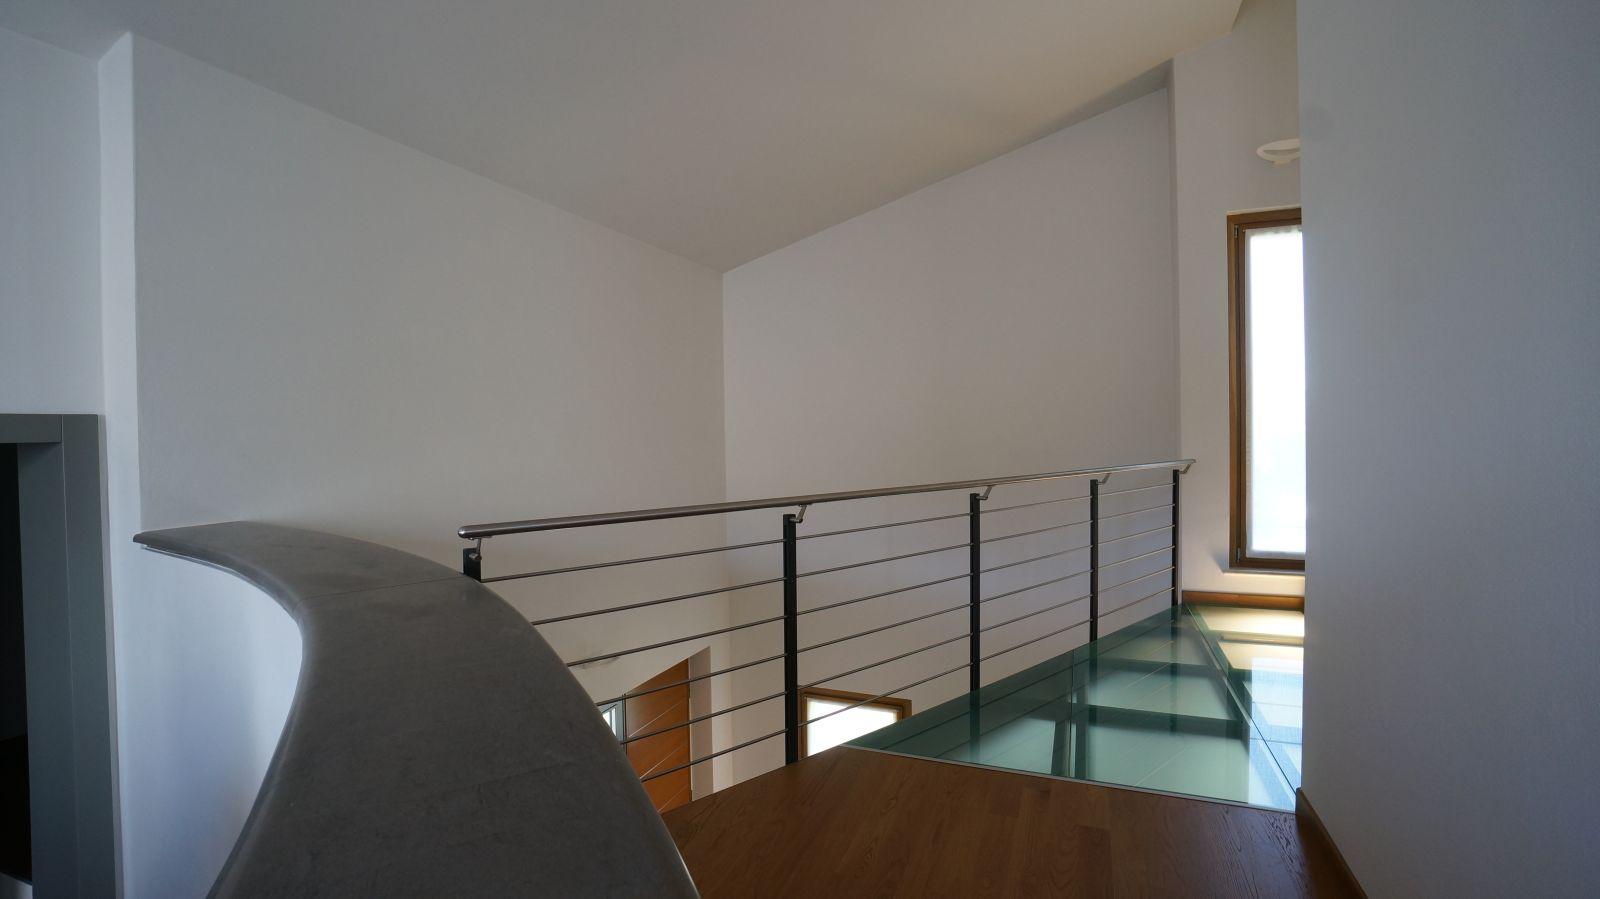 Bergamaschi serramenti ringhiere per scale interne - Ringhiere in vetro per scale interne prezzi ...